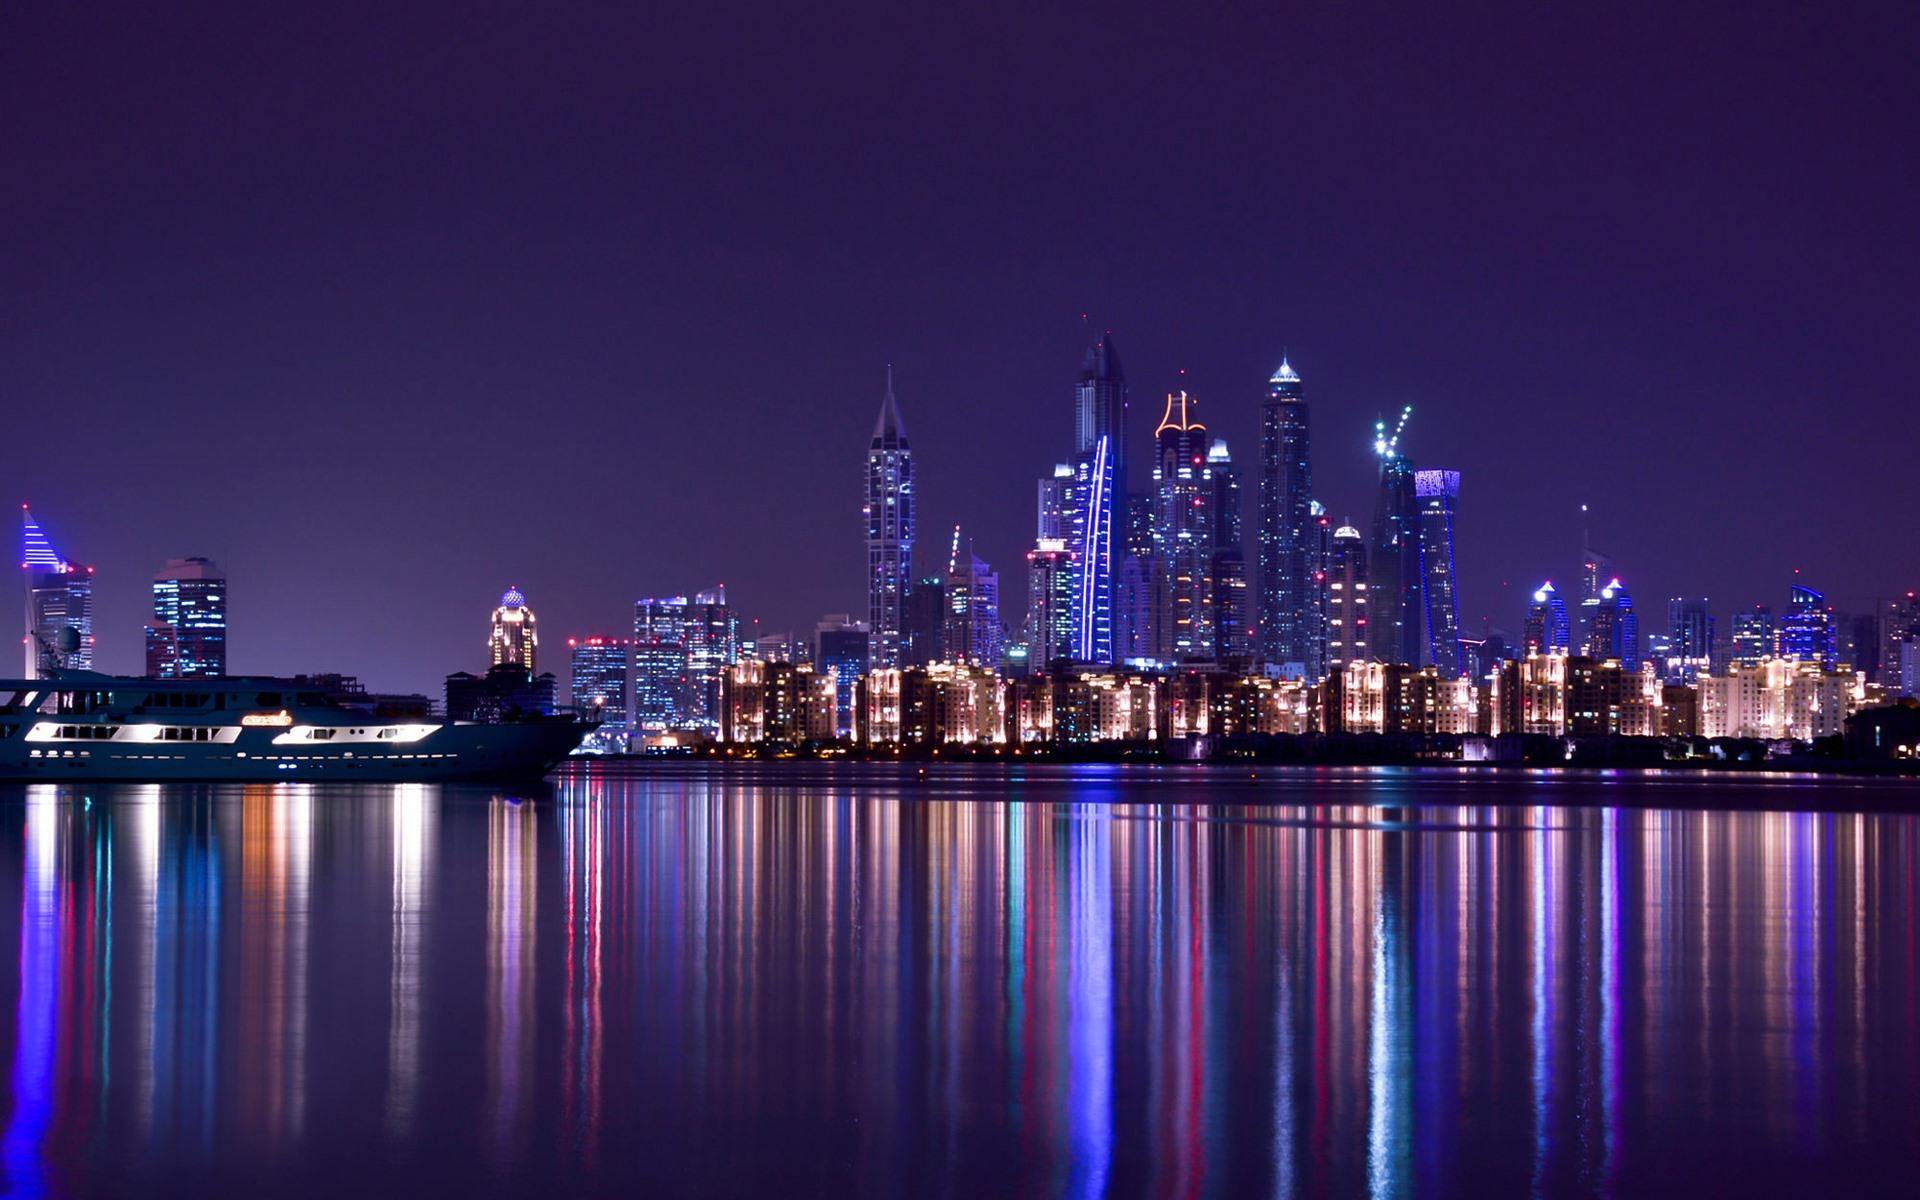 Ночной город картинка на обложку